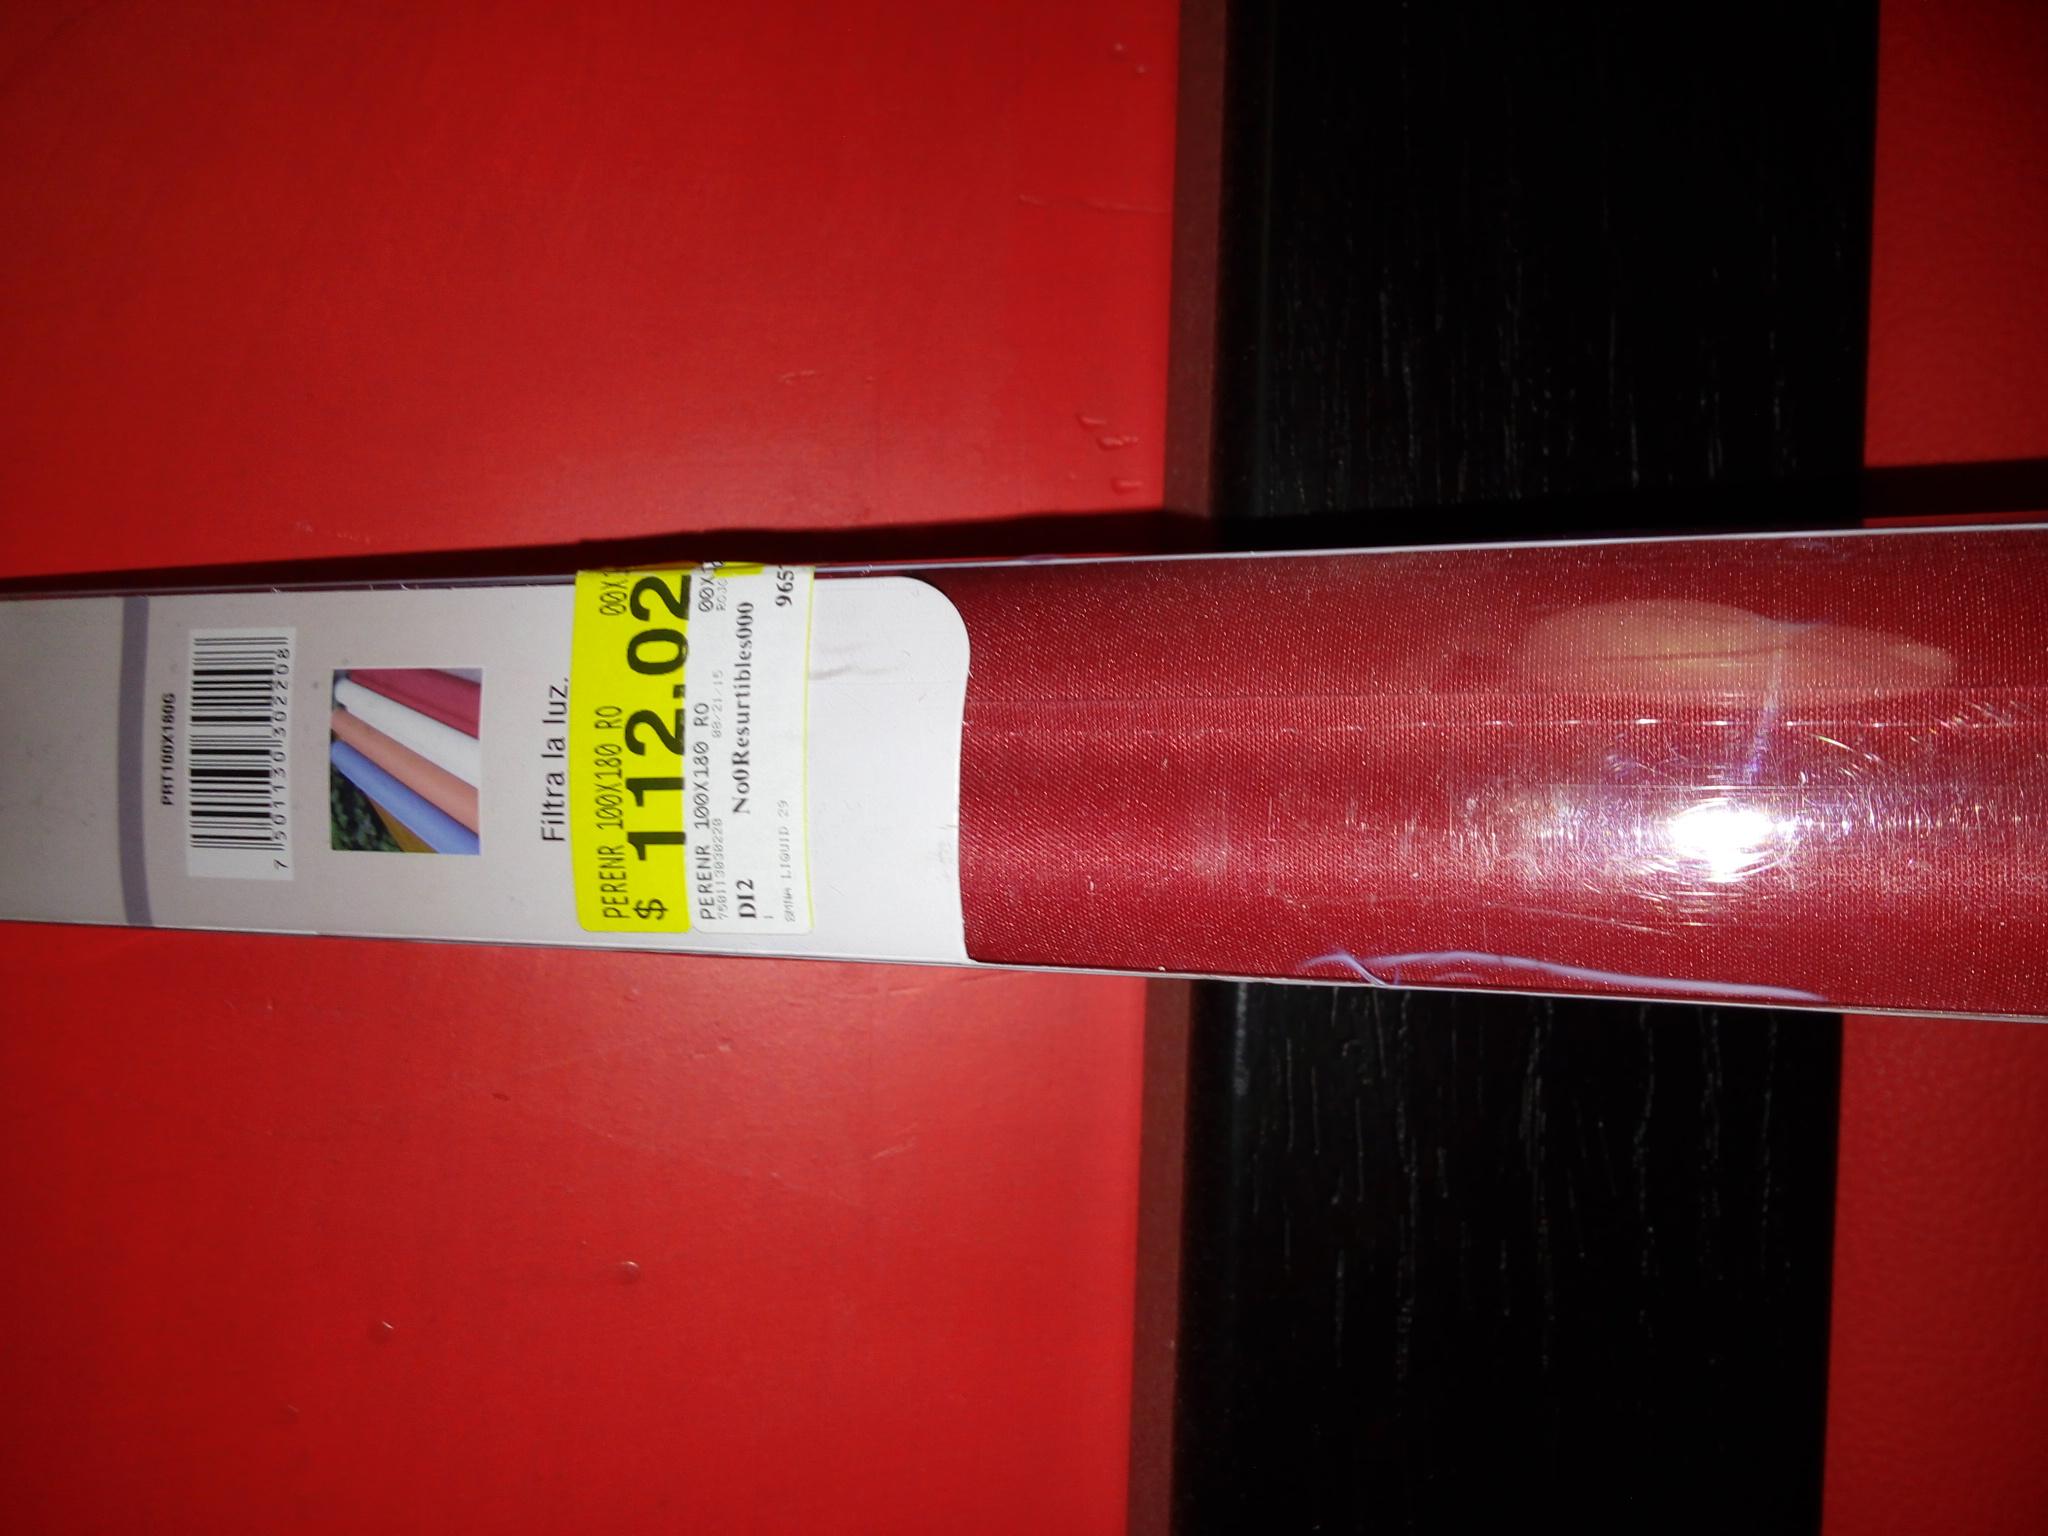 Bodega Aurrera: persinas de 1x1.80 metros a $112.02 y más